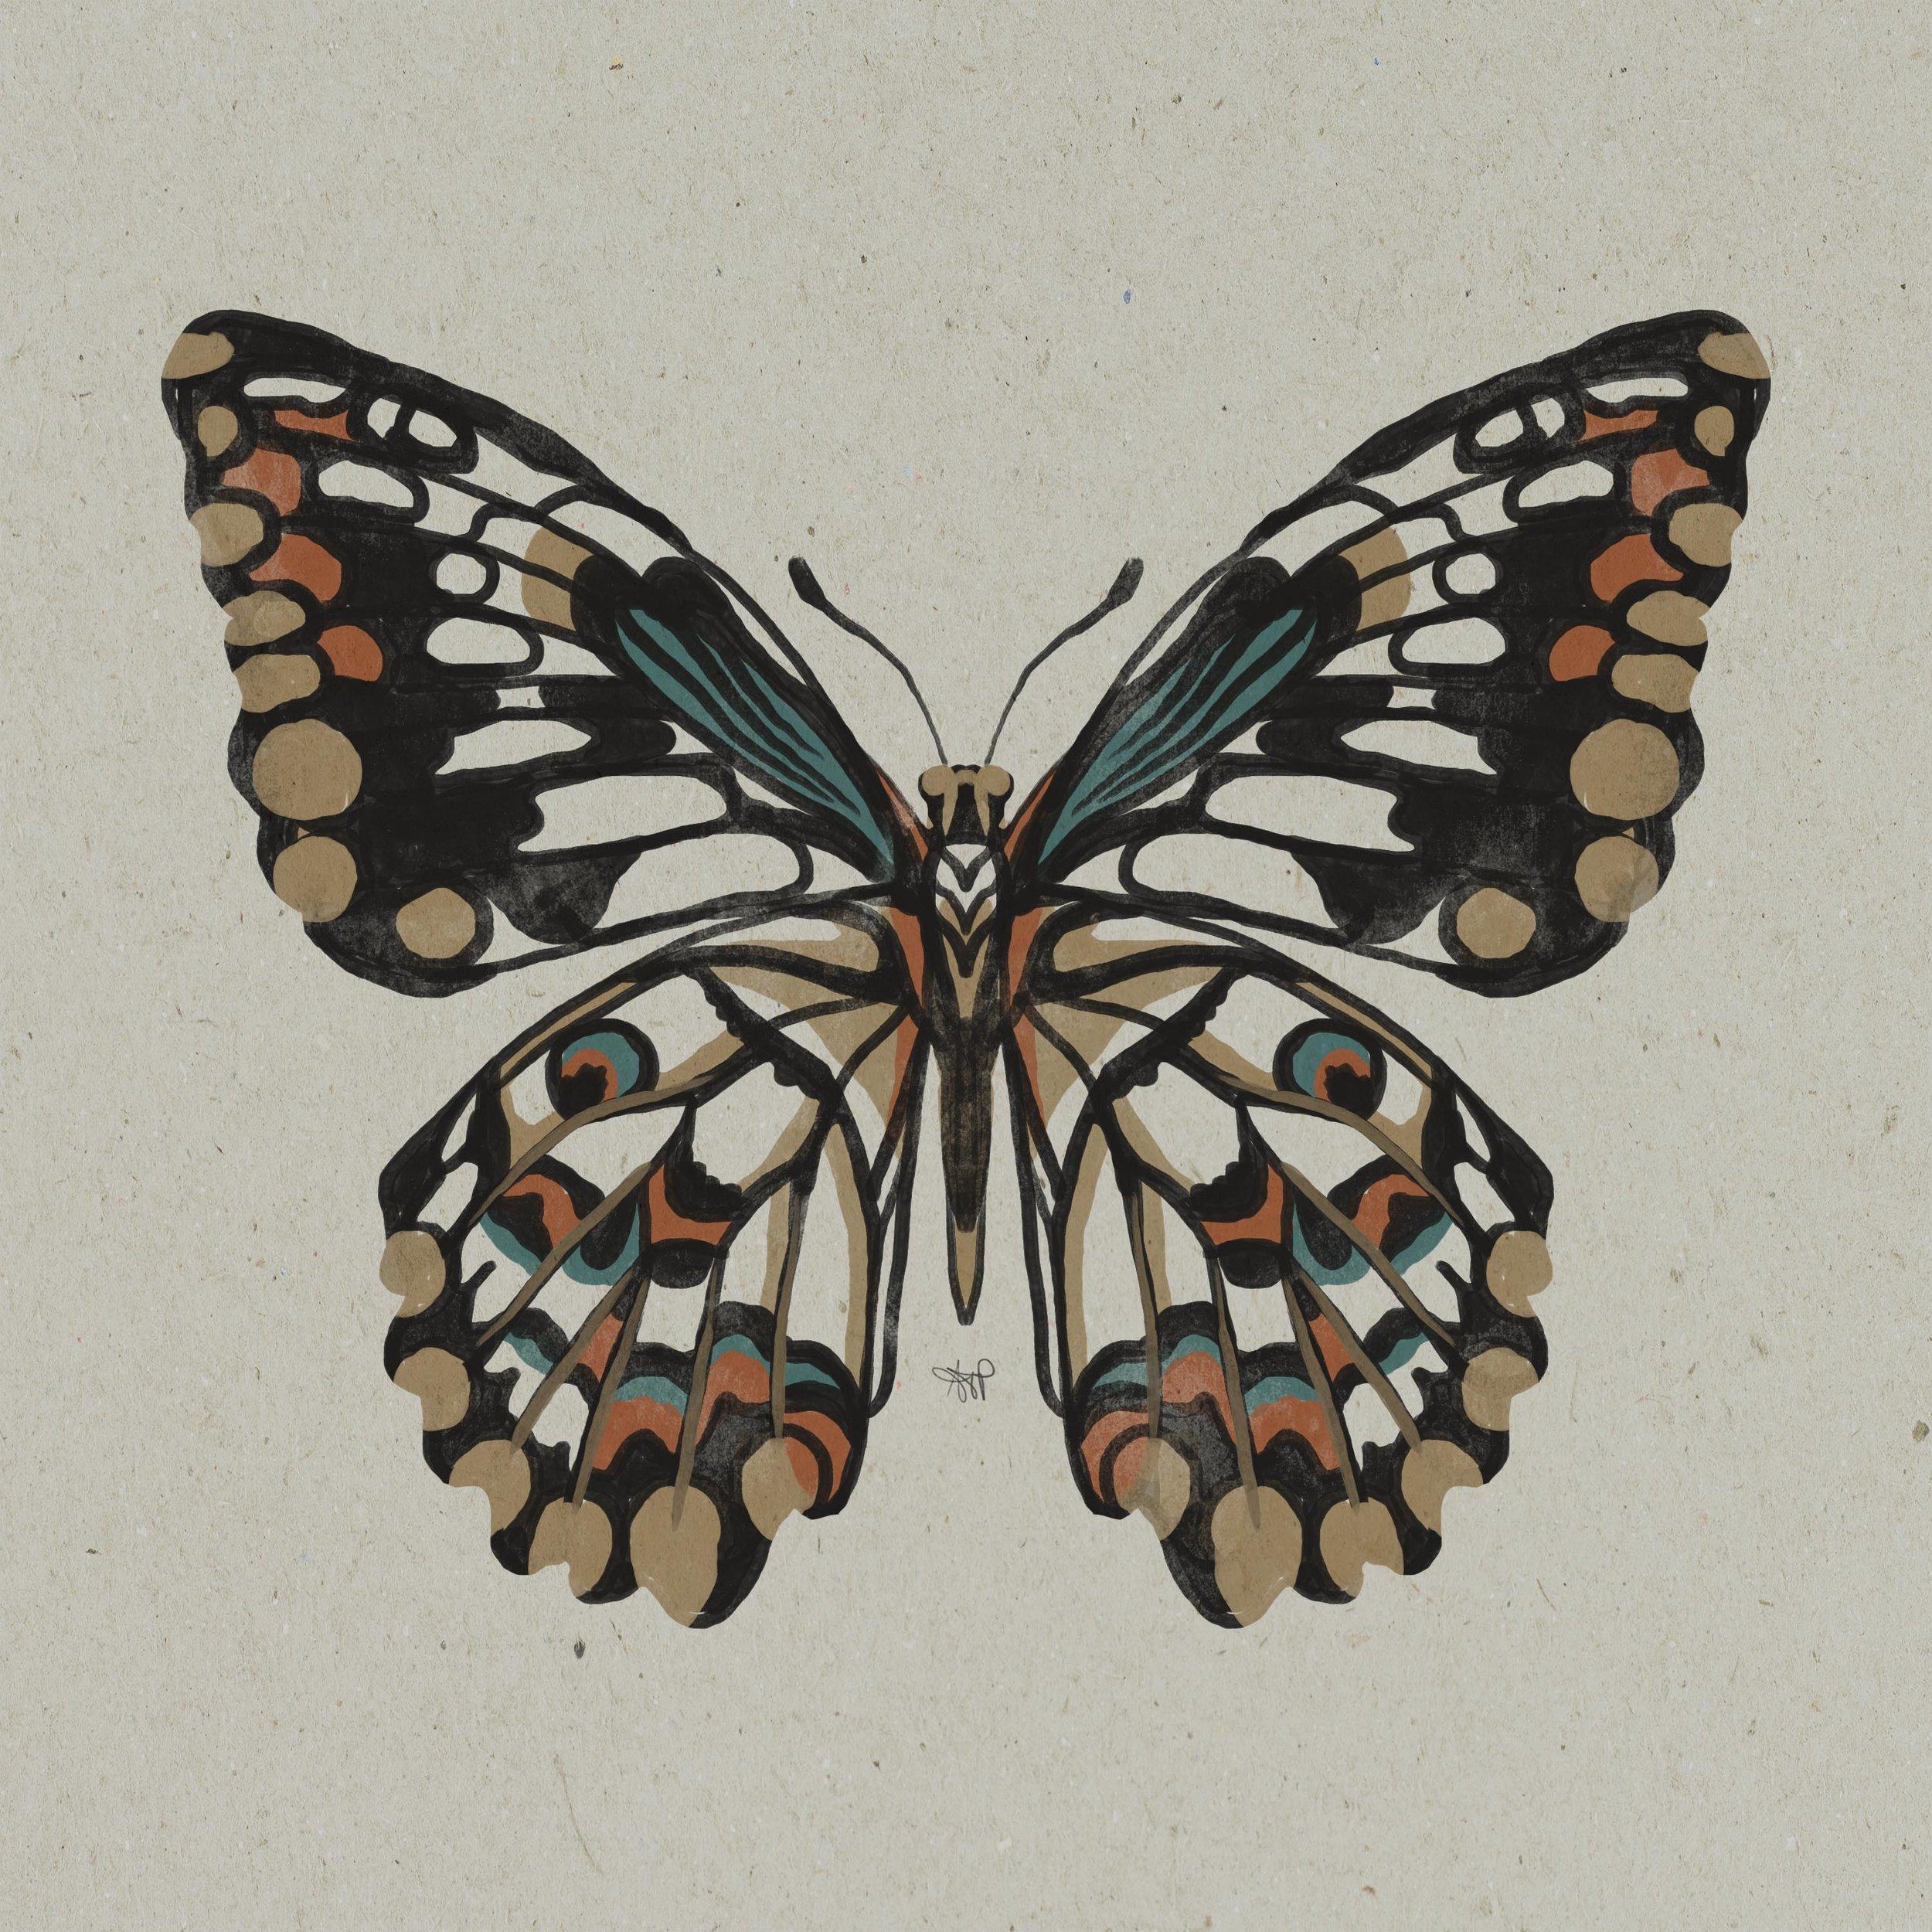 limeswallowtail.jpg